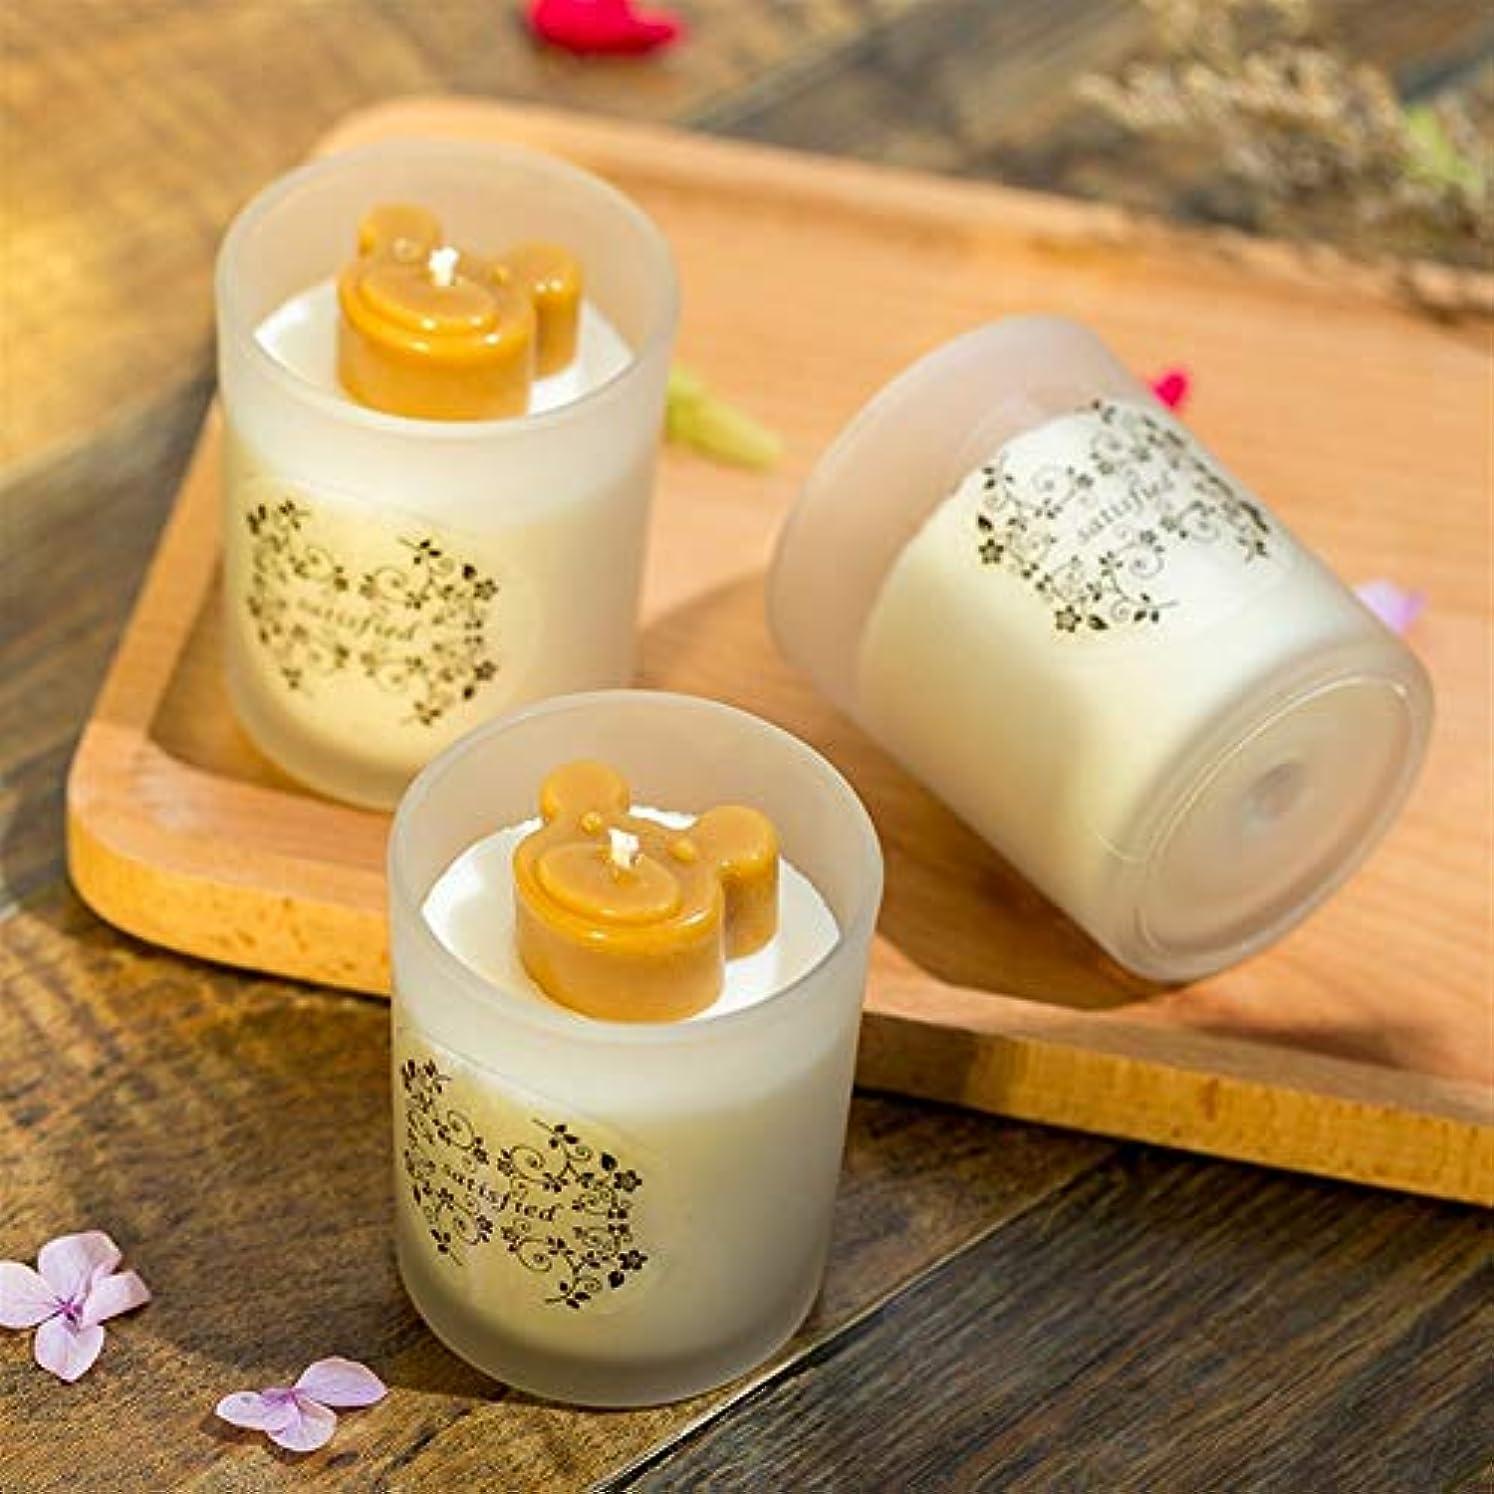 田舎レルムラケットACAO 曇らされたガラスボトル、小さなクマ、アロマセラピー、健康と長続き、香りキャンドル、オフィスの結婚式の装飾用品 (色 : Lavender)